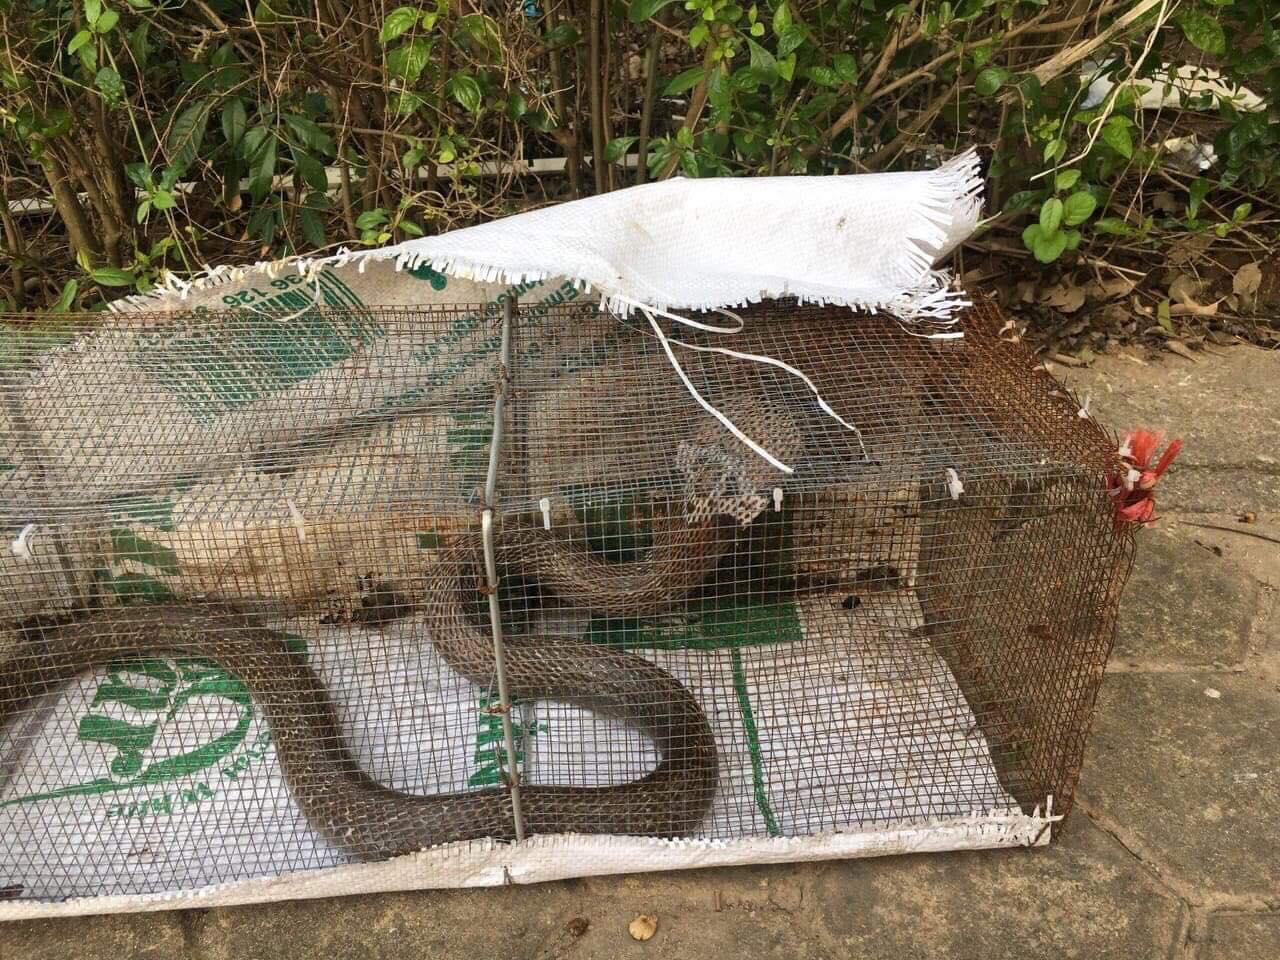 Rùng mình bắt được hàng loạt con rắn độc ở khu chung cư Hà Nội